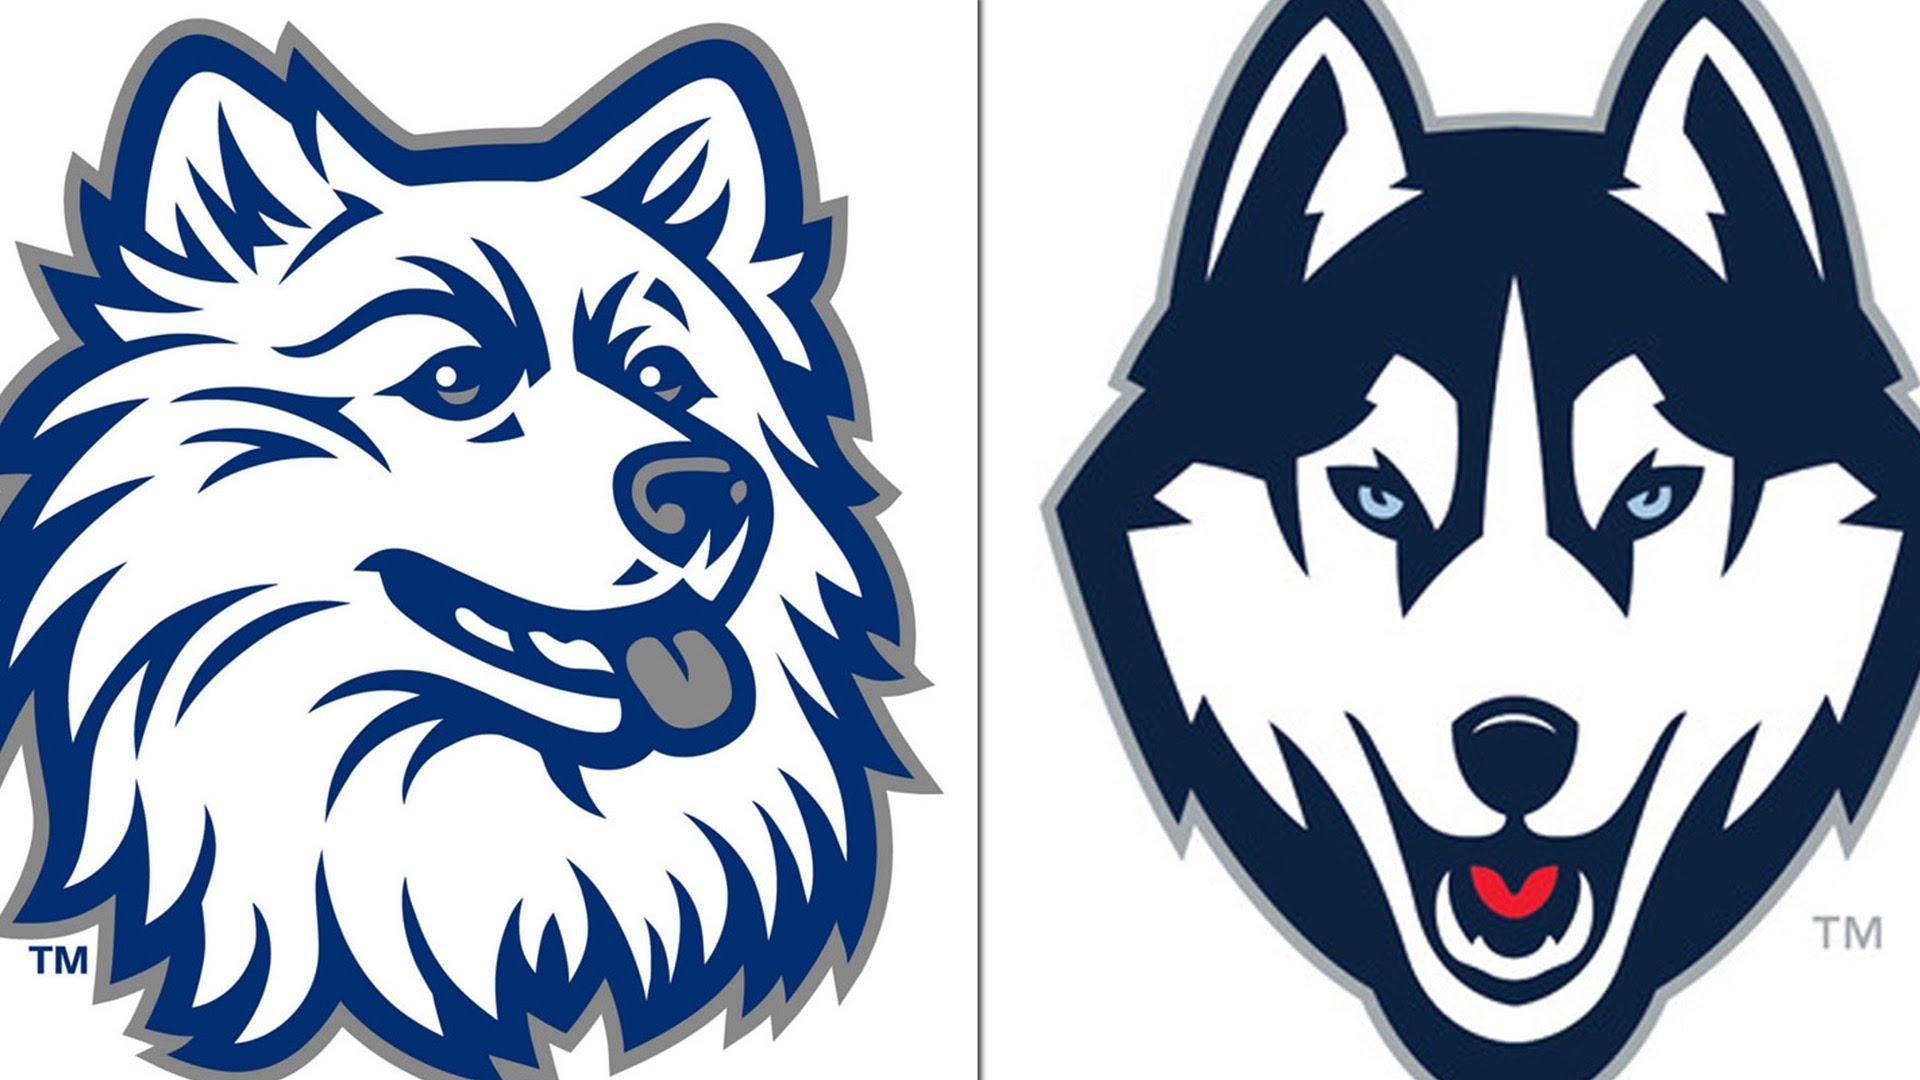 Uconn Huskies Logos